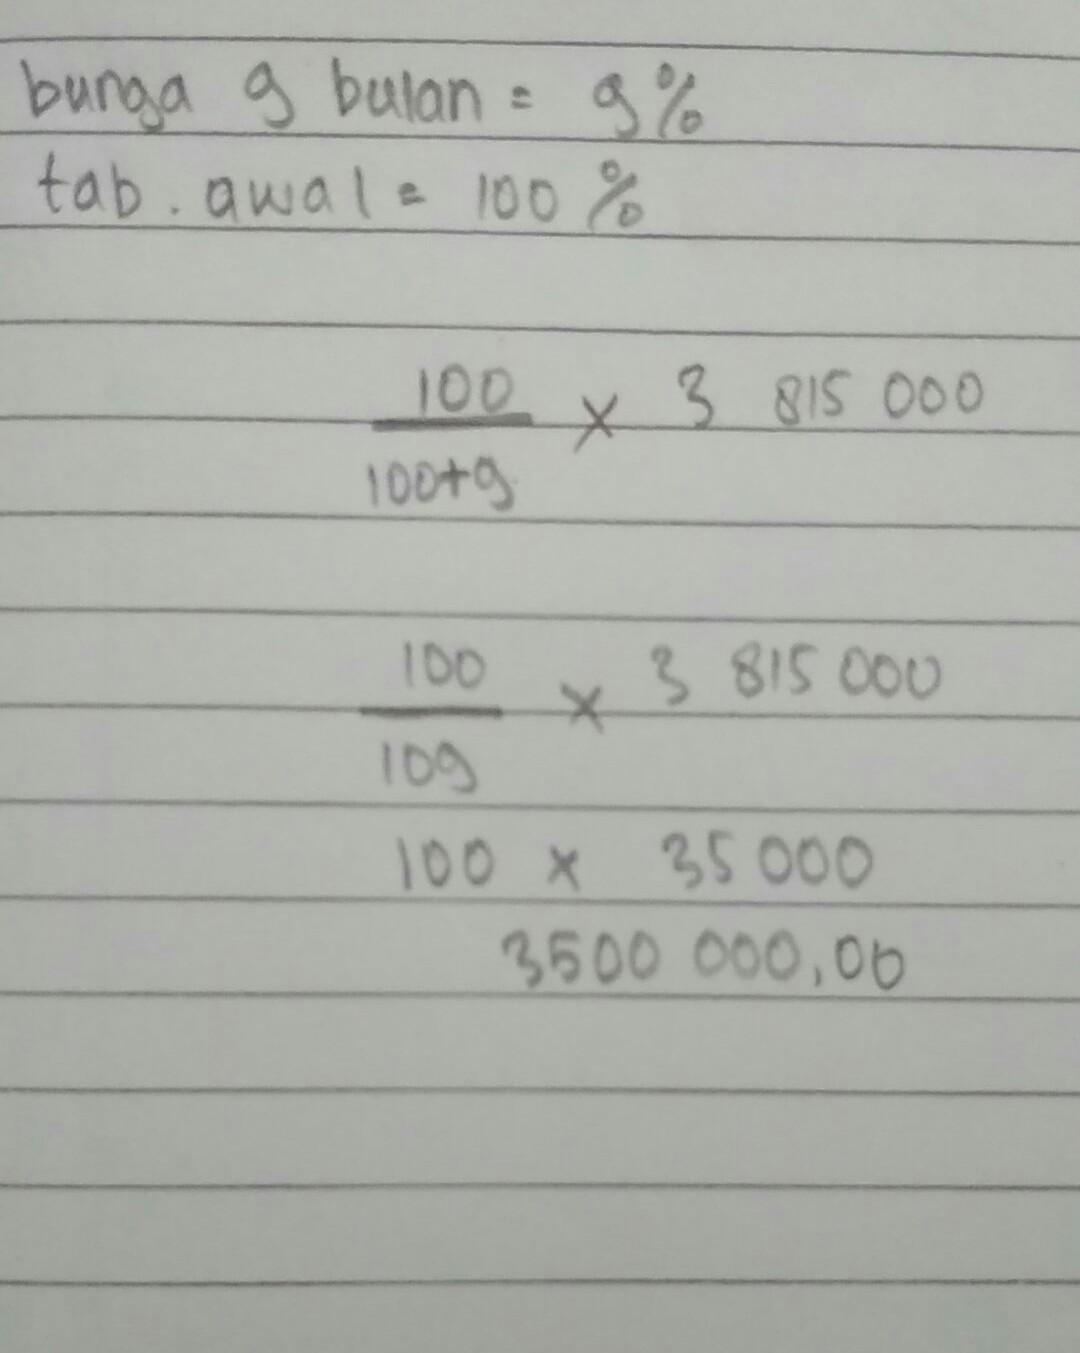 Setelah 9 Bulan Uang Tabungan Rani Di Koperasi Berjumlah Rp3 815 000 00 Koperasi Memberikan Jasa Brainly Co Id